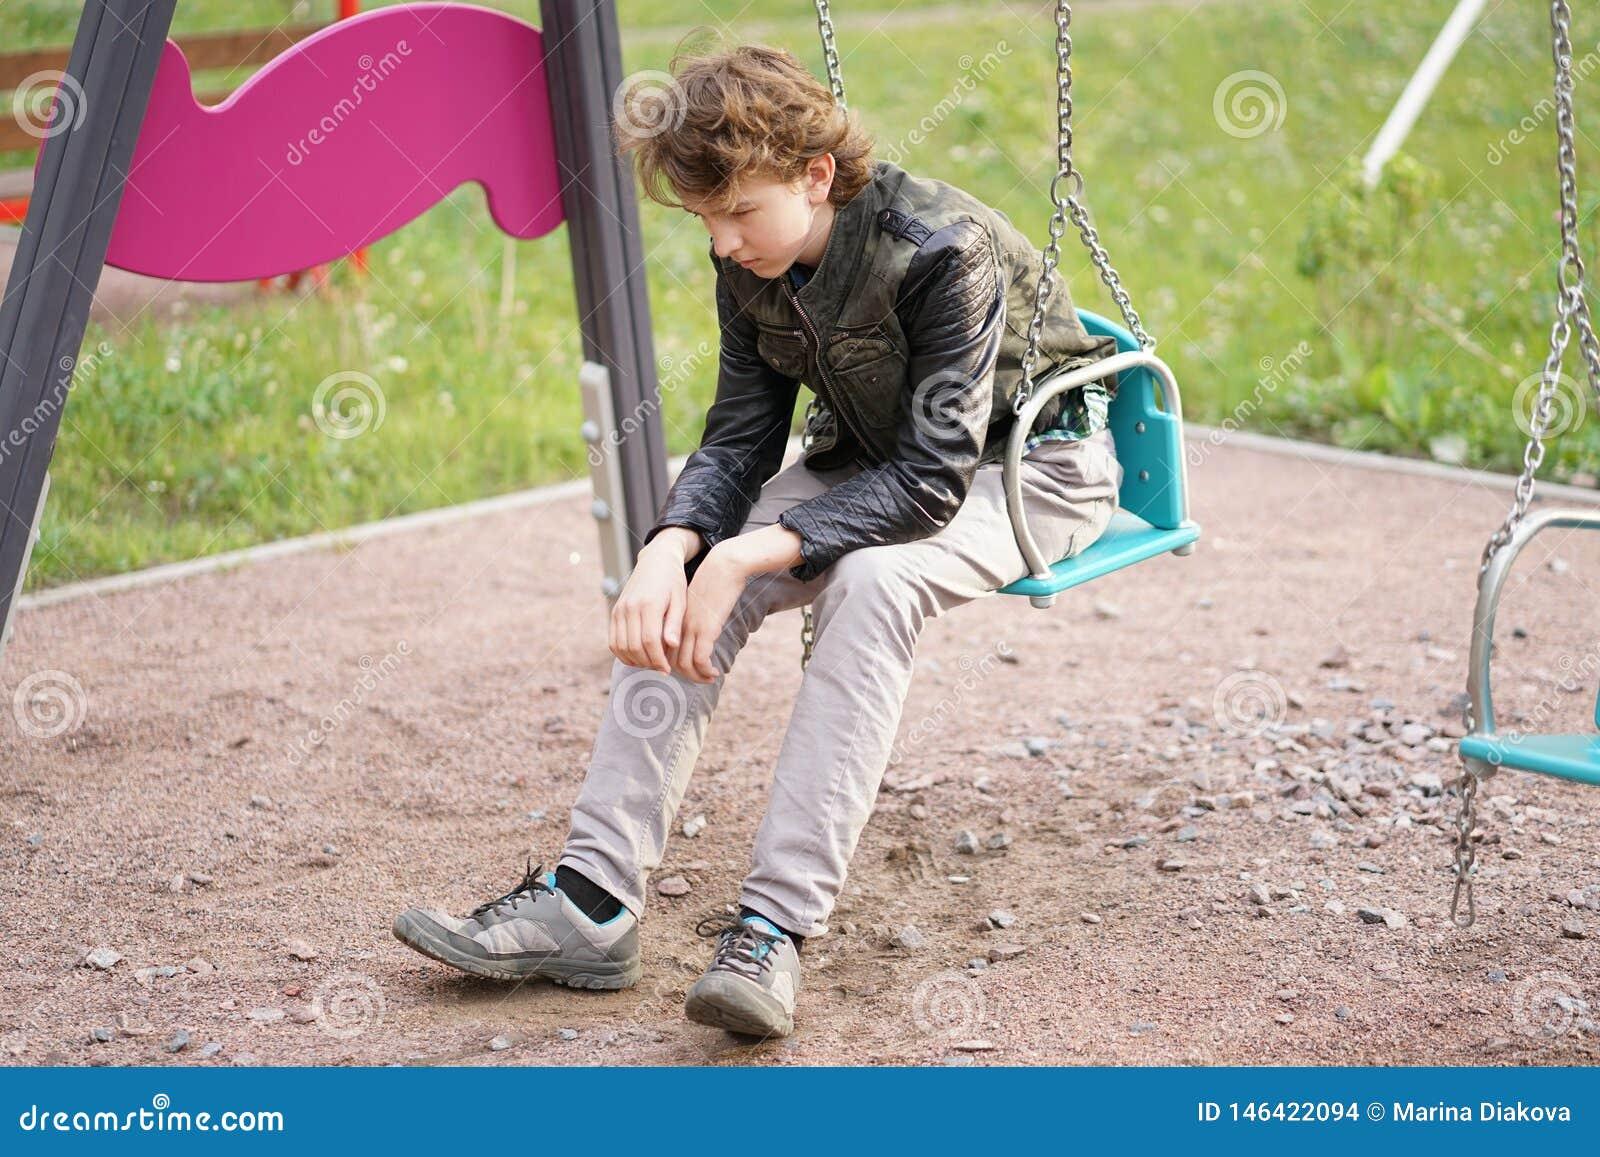 Грустный сиротливый подросток на открытом воздухе на спортивной площадке затруднения отрочества в концепции связи